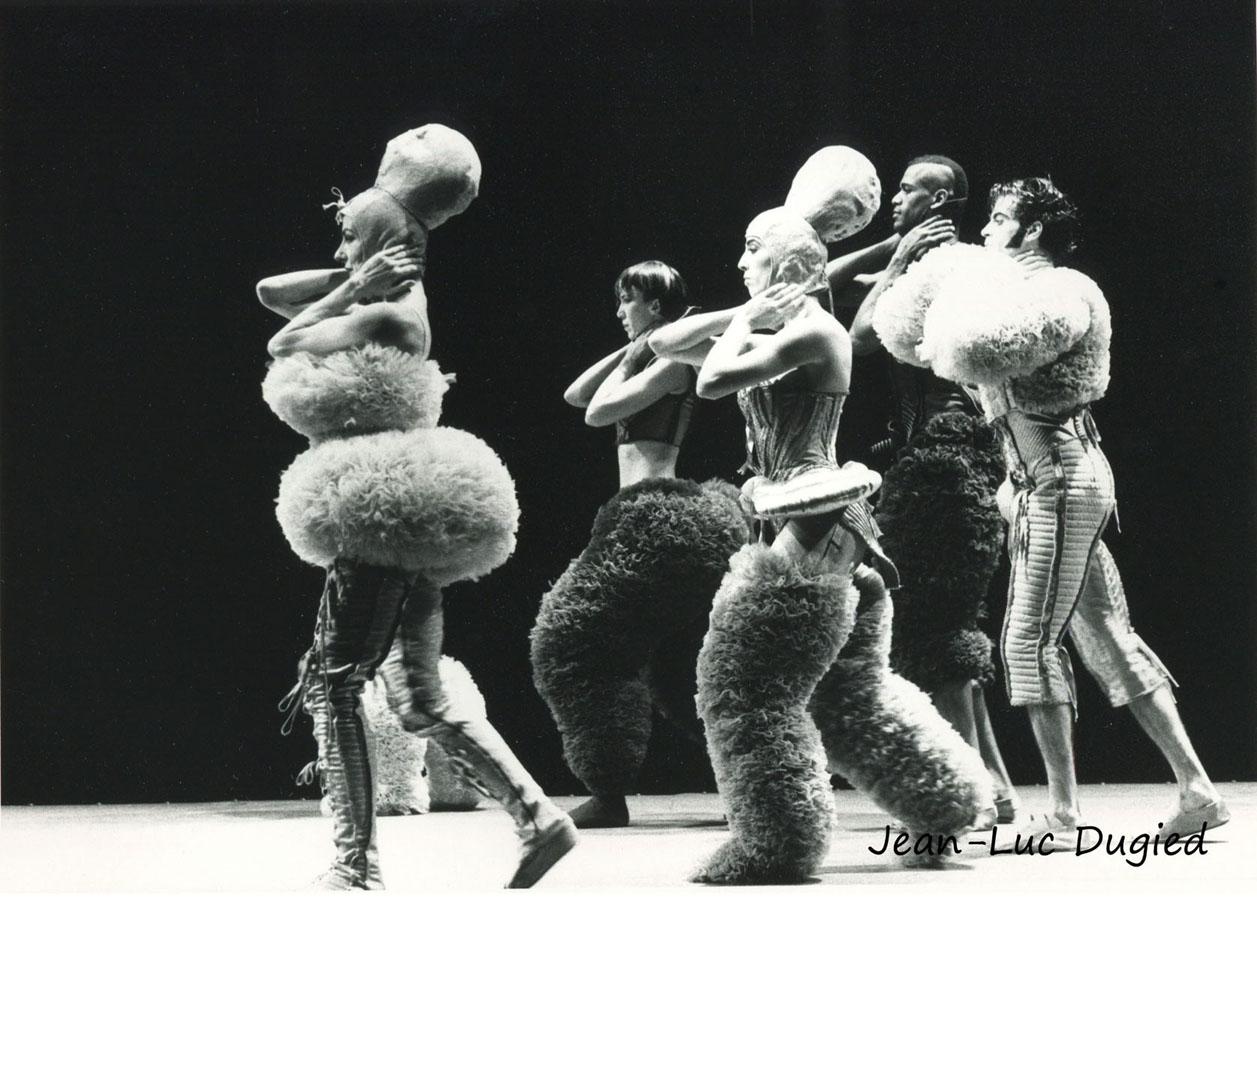 14 Chopinot Régine - le défilé de Jean-Paul Gaultier - 1985